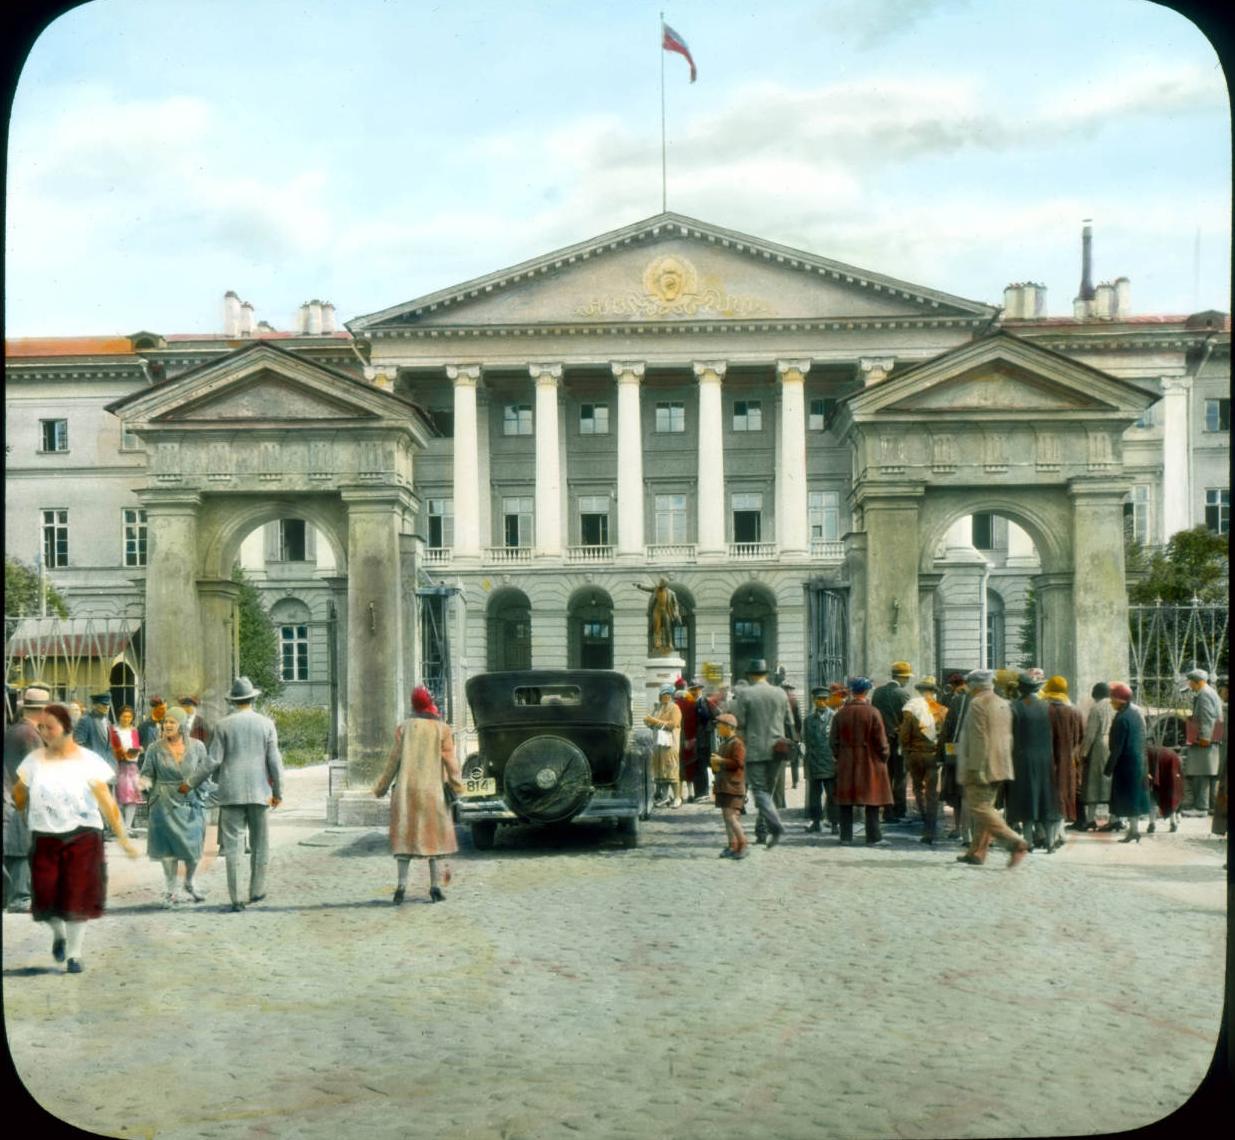 Санкт-Петербург.Штаб-квартира Коммунистической партии, ранее Смольный институт